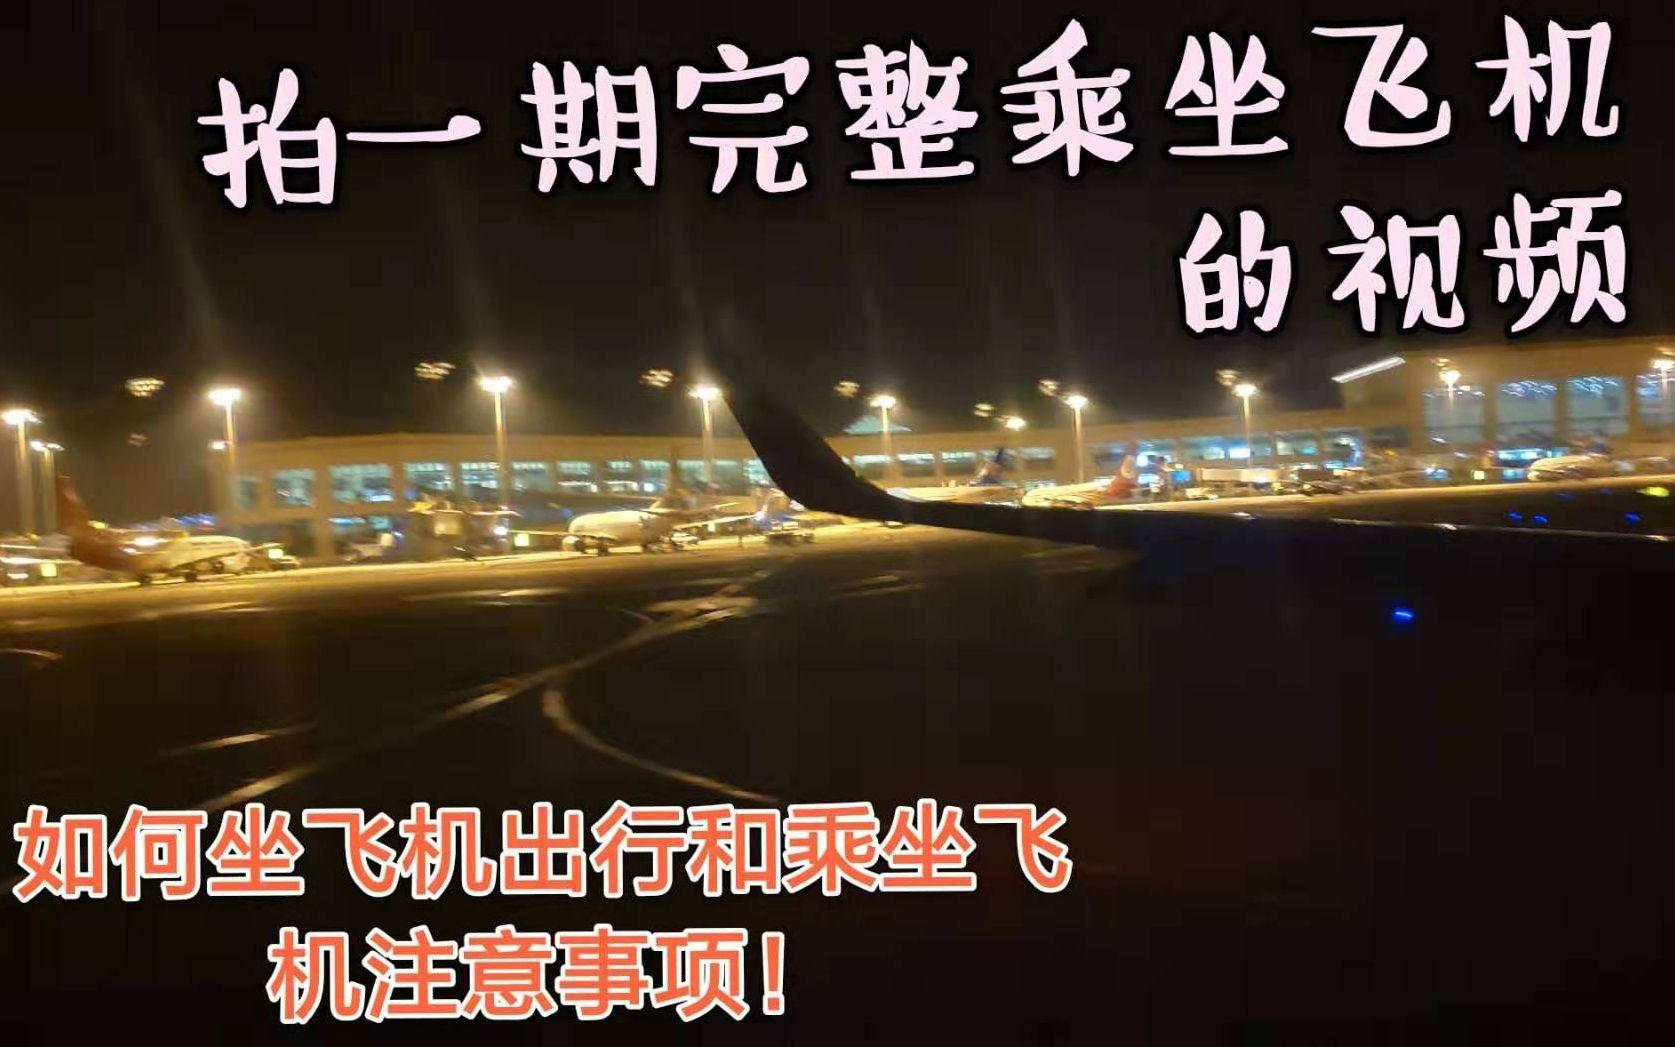 完整乘坐飞机的流程,坐飞机出行的注意事项!